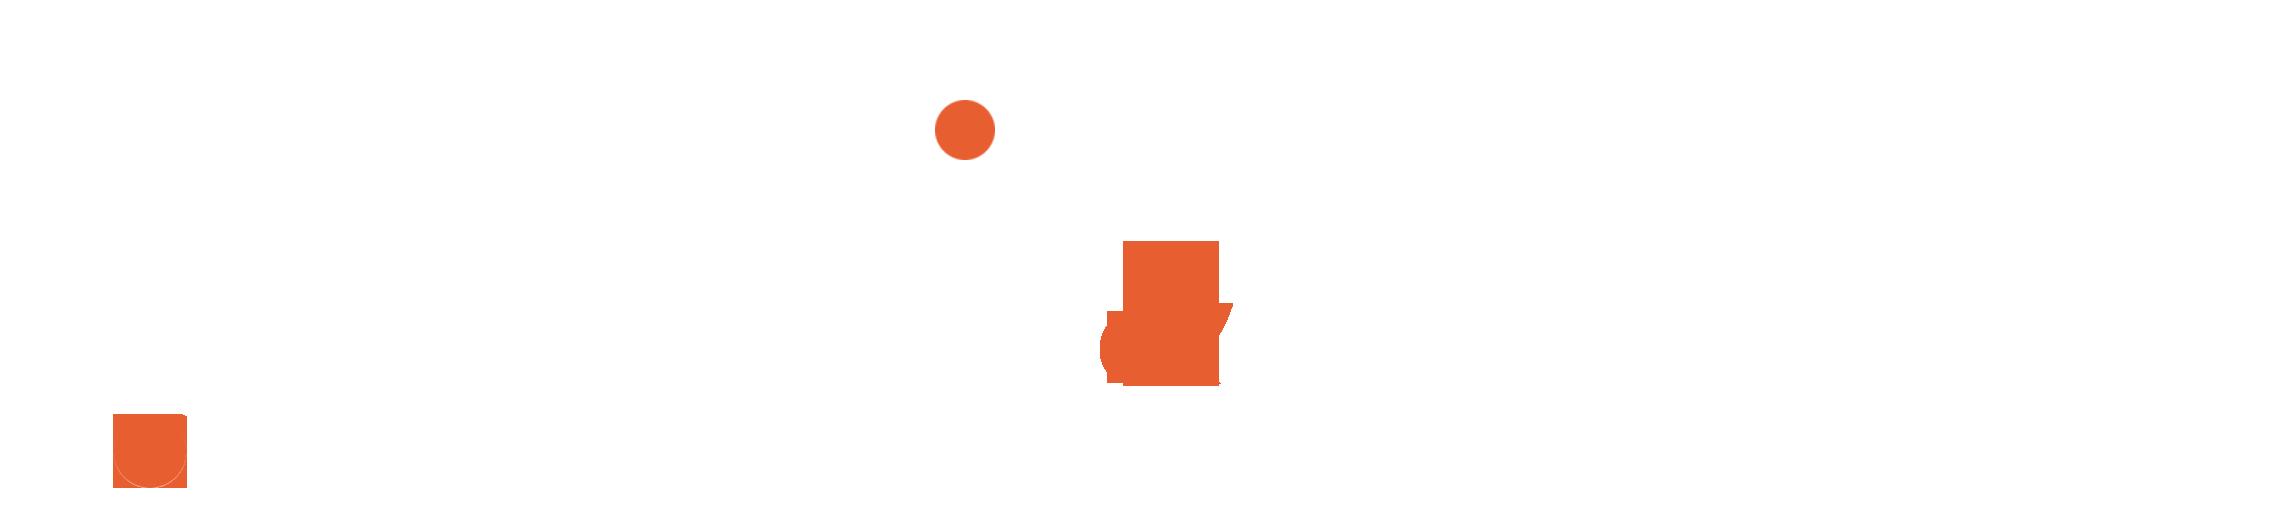 diskingressos branca laranja.png 6290b4ae1e